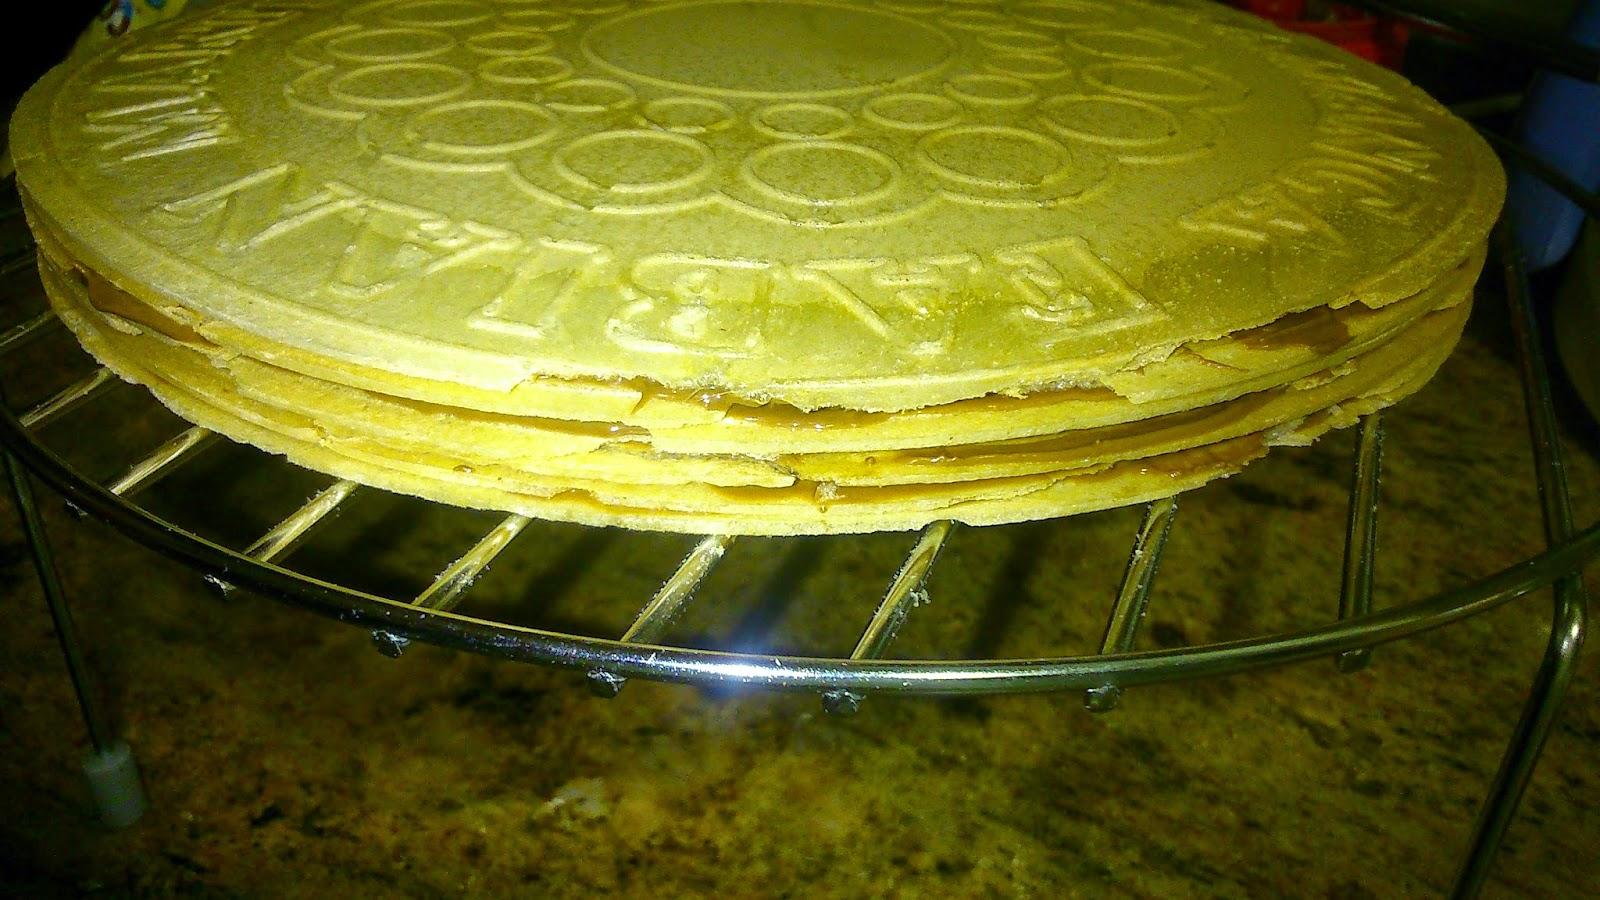 Vidadeveinte cocina r pida y sencilla tarta de huesito for Cocina rapida y sencilla